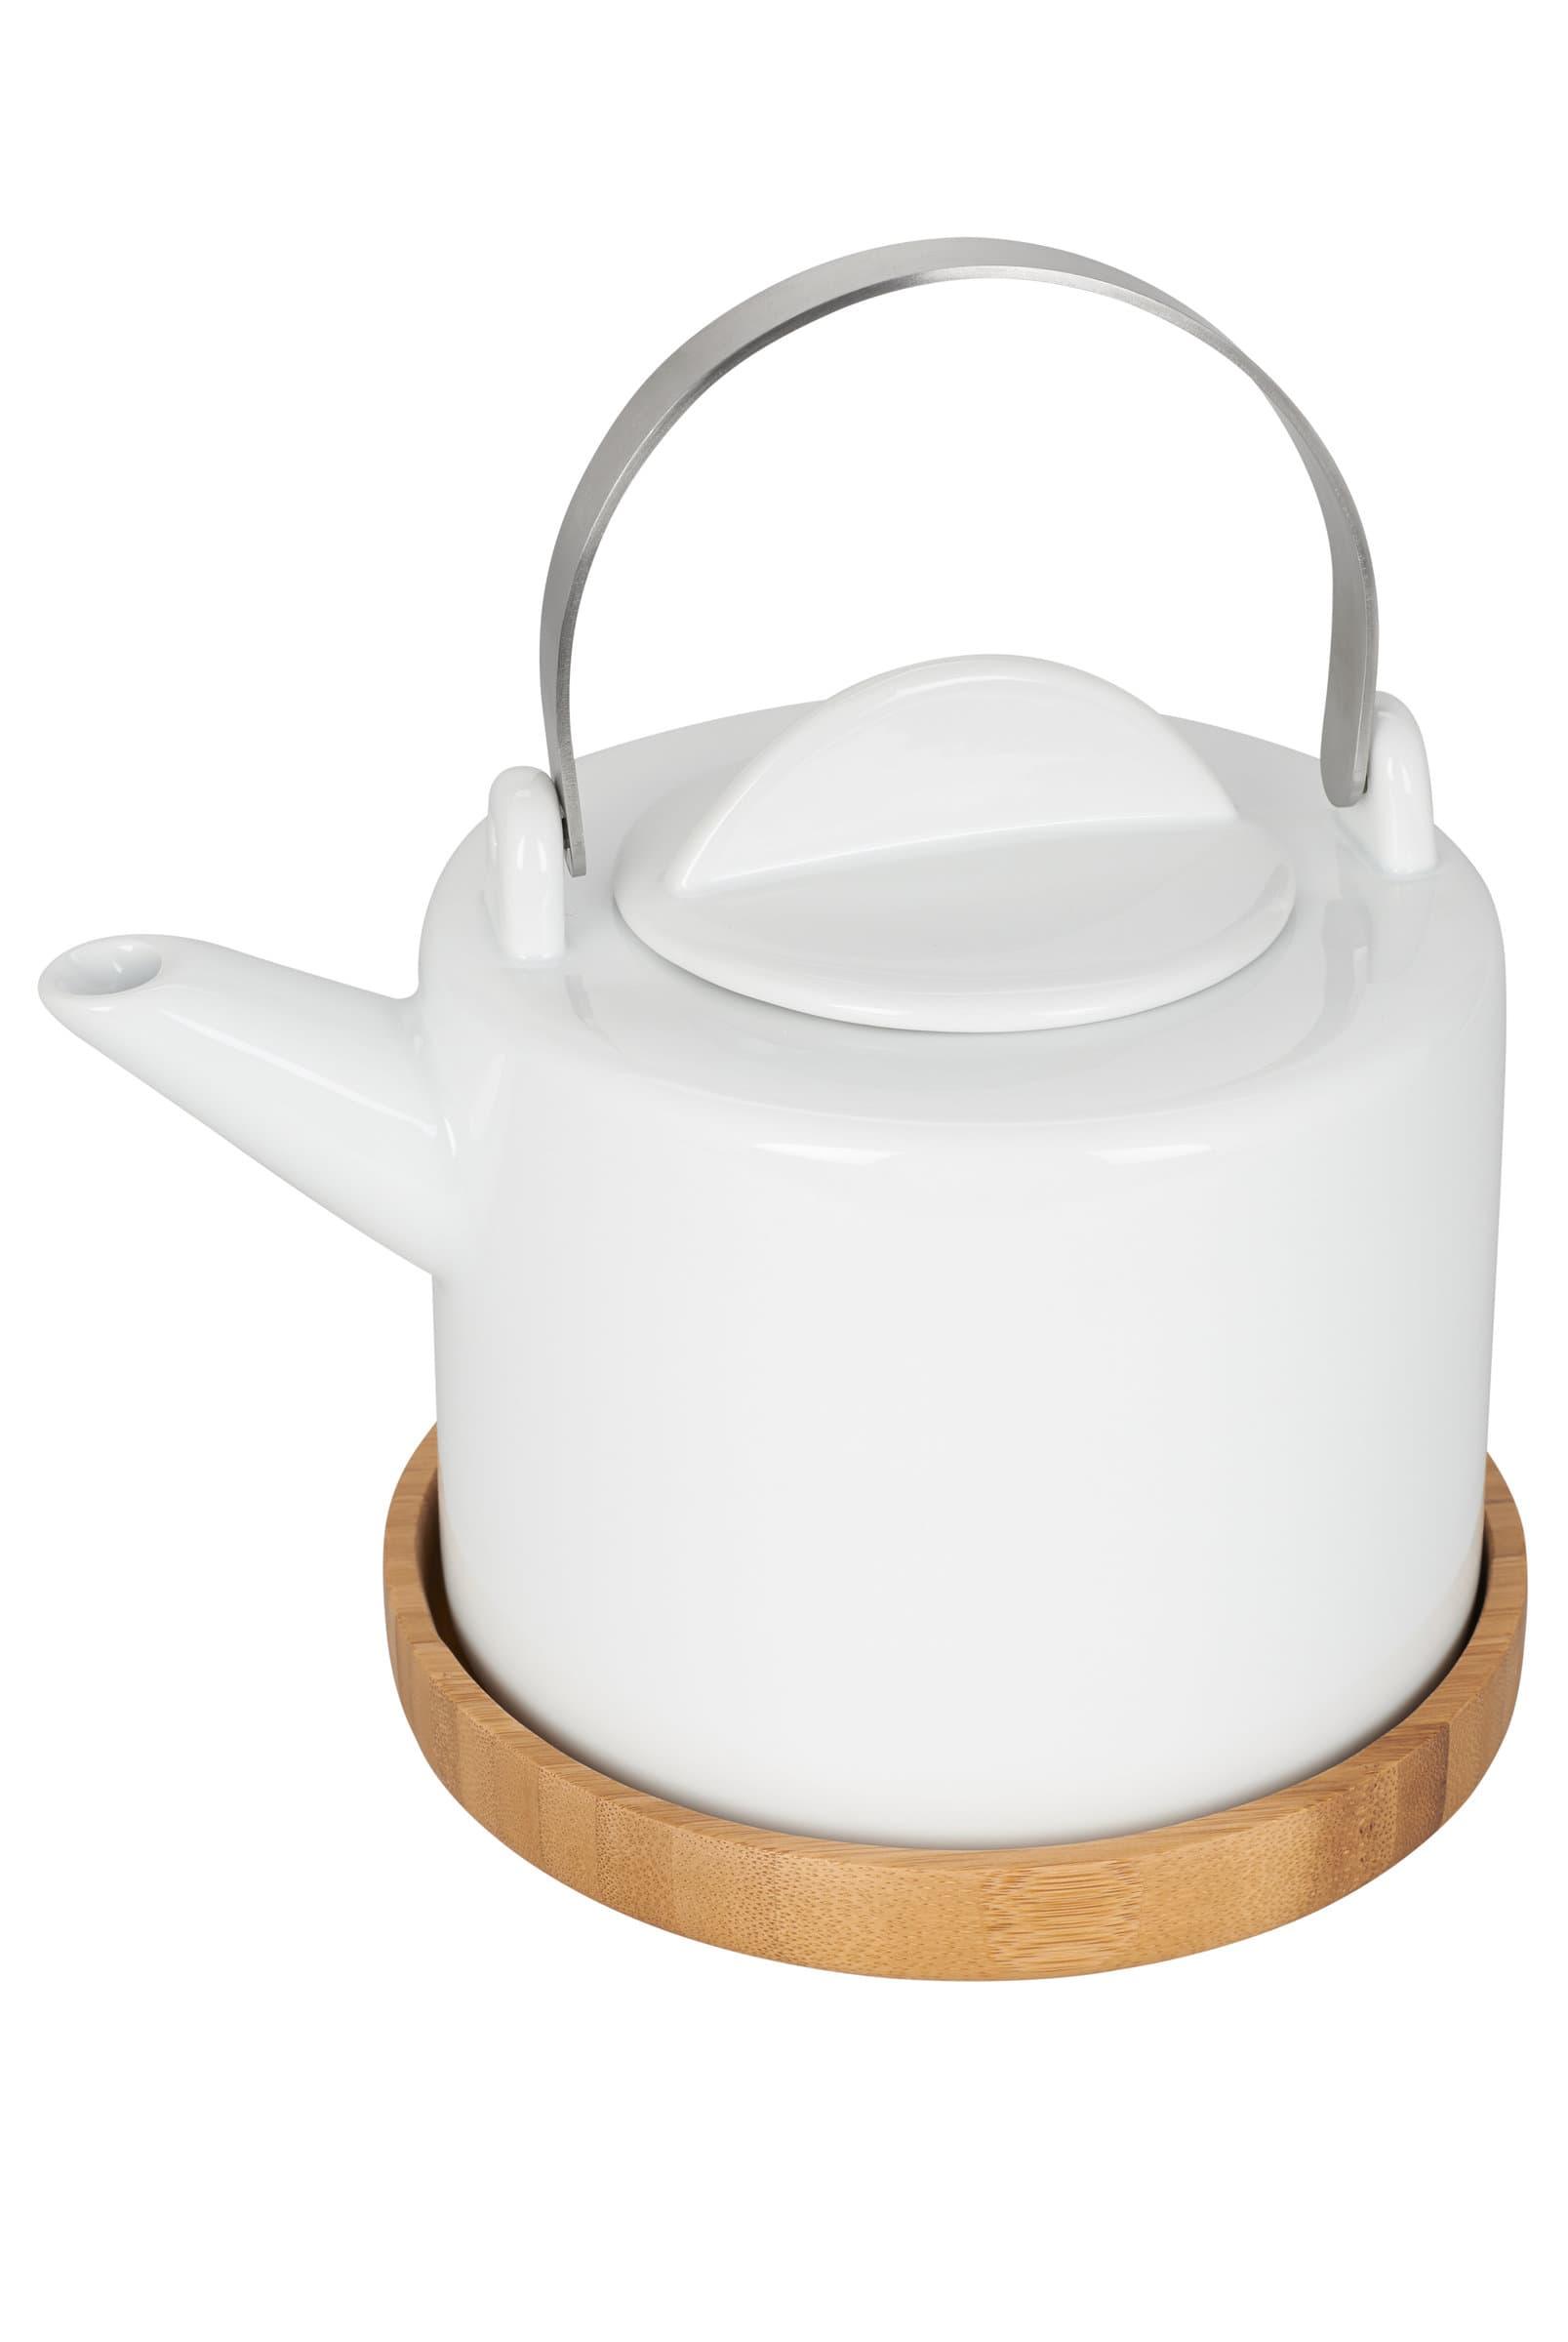 Cucina & Tavola Teekanne mit Untersetzer 1.2L